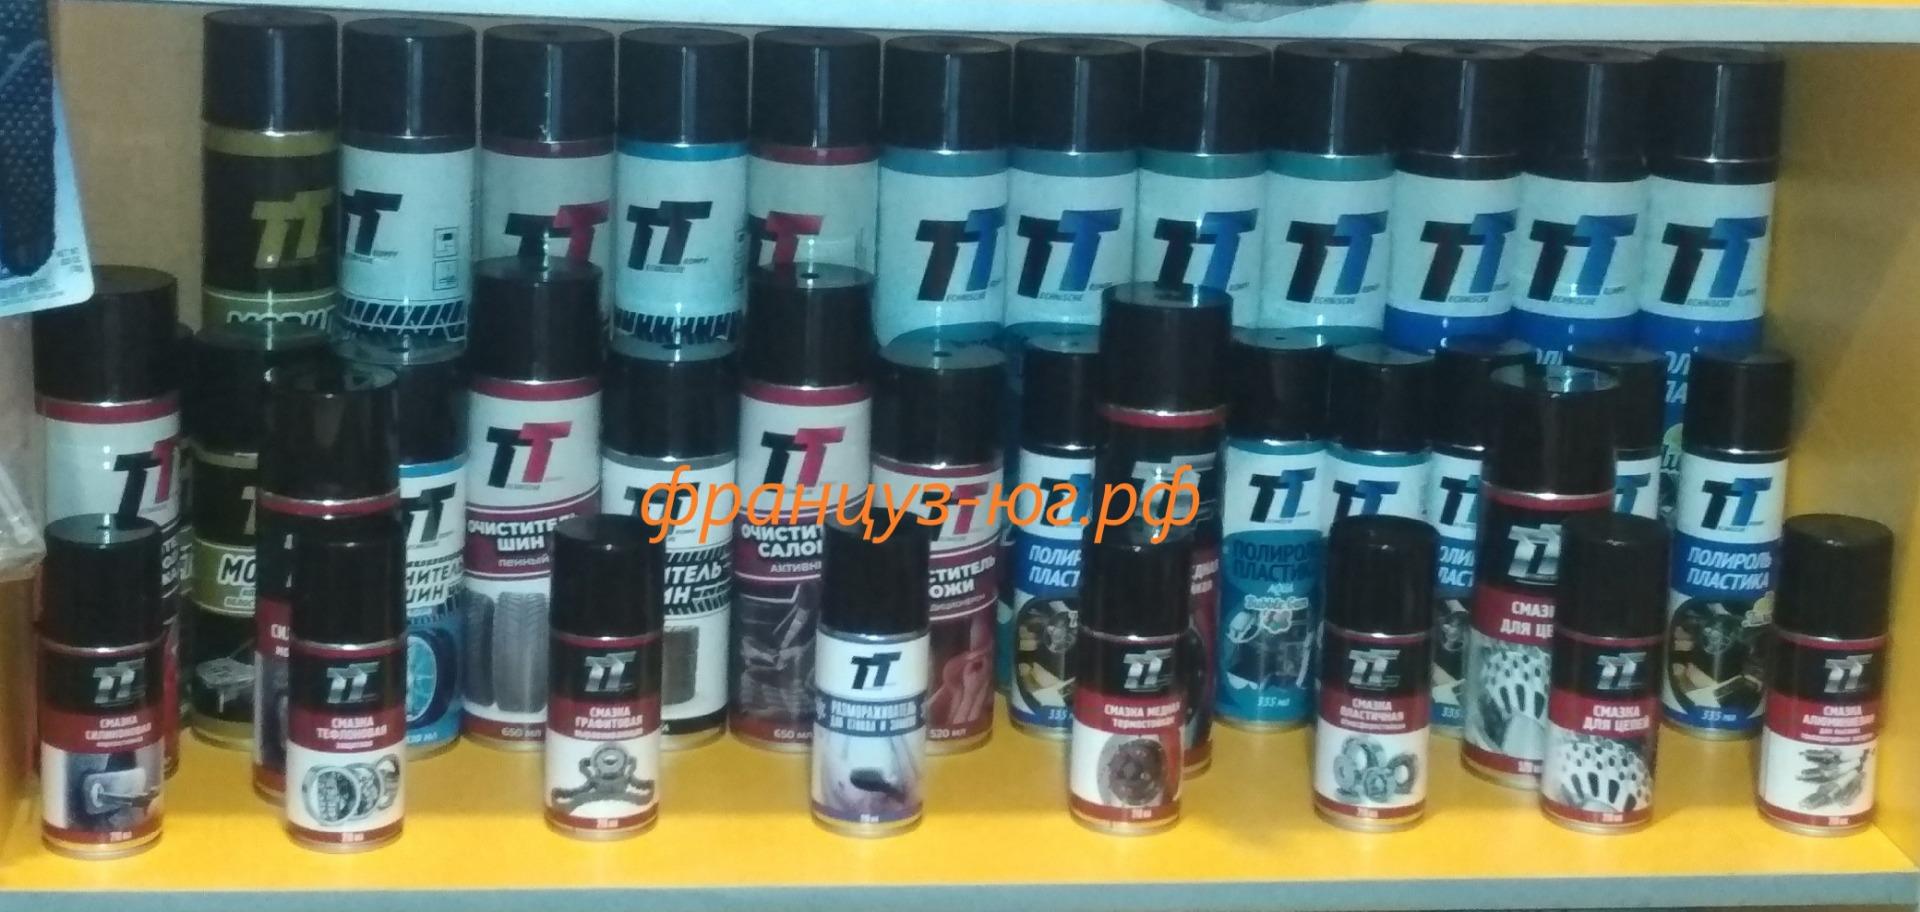 Продукция торговой марки Technische Trumpf в магазине Француз